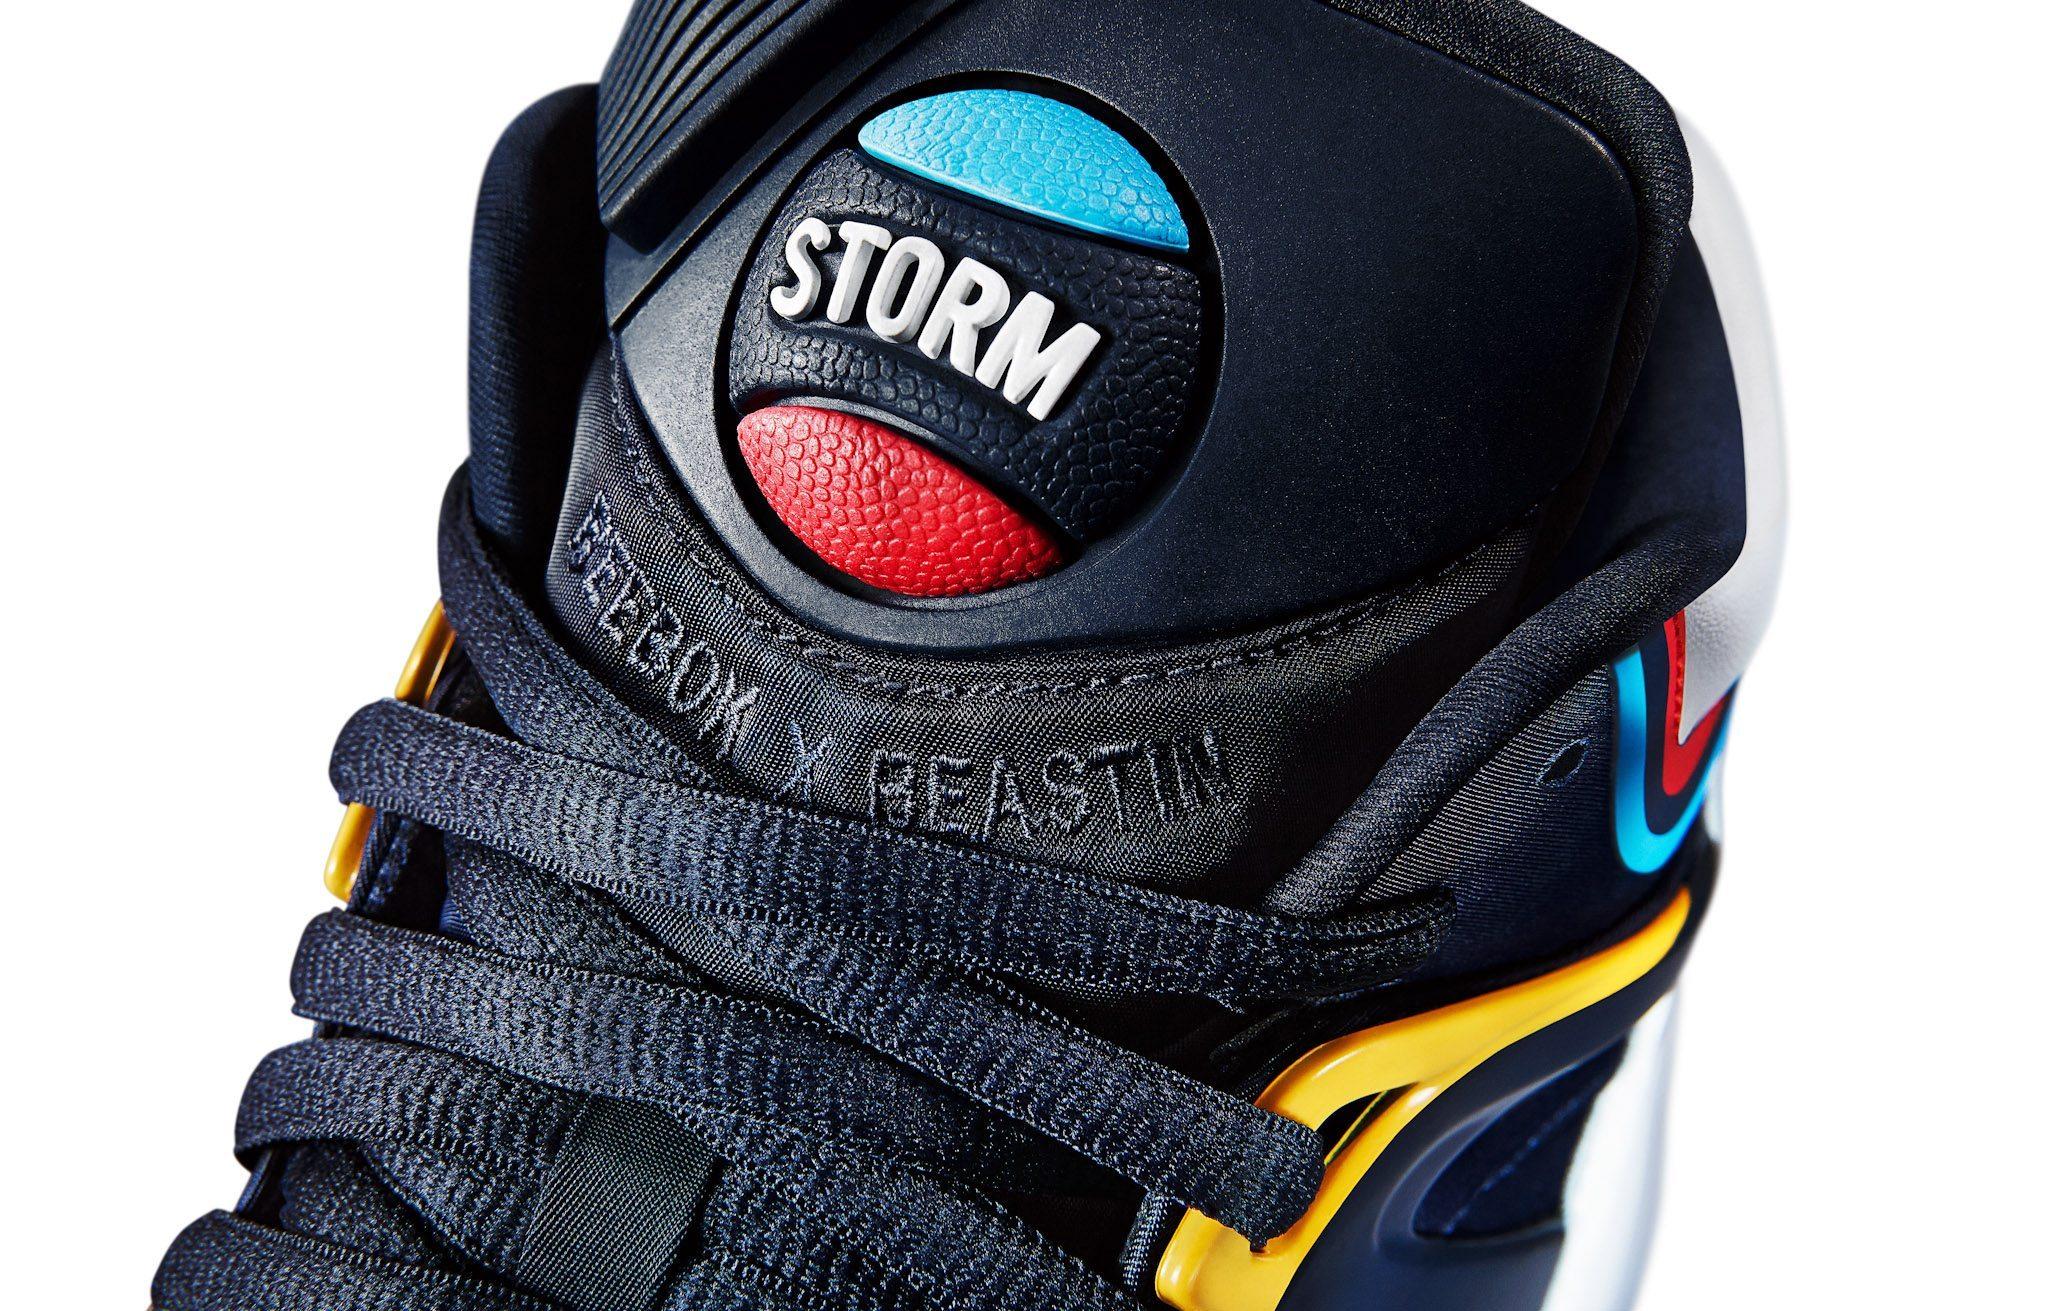 Reebok Classic x Beastin Quiet Storm 12